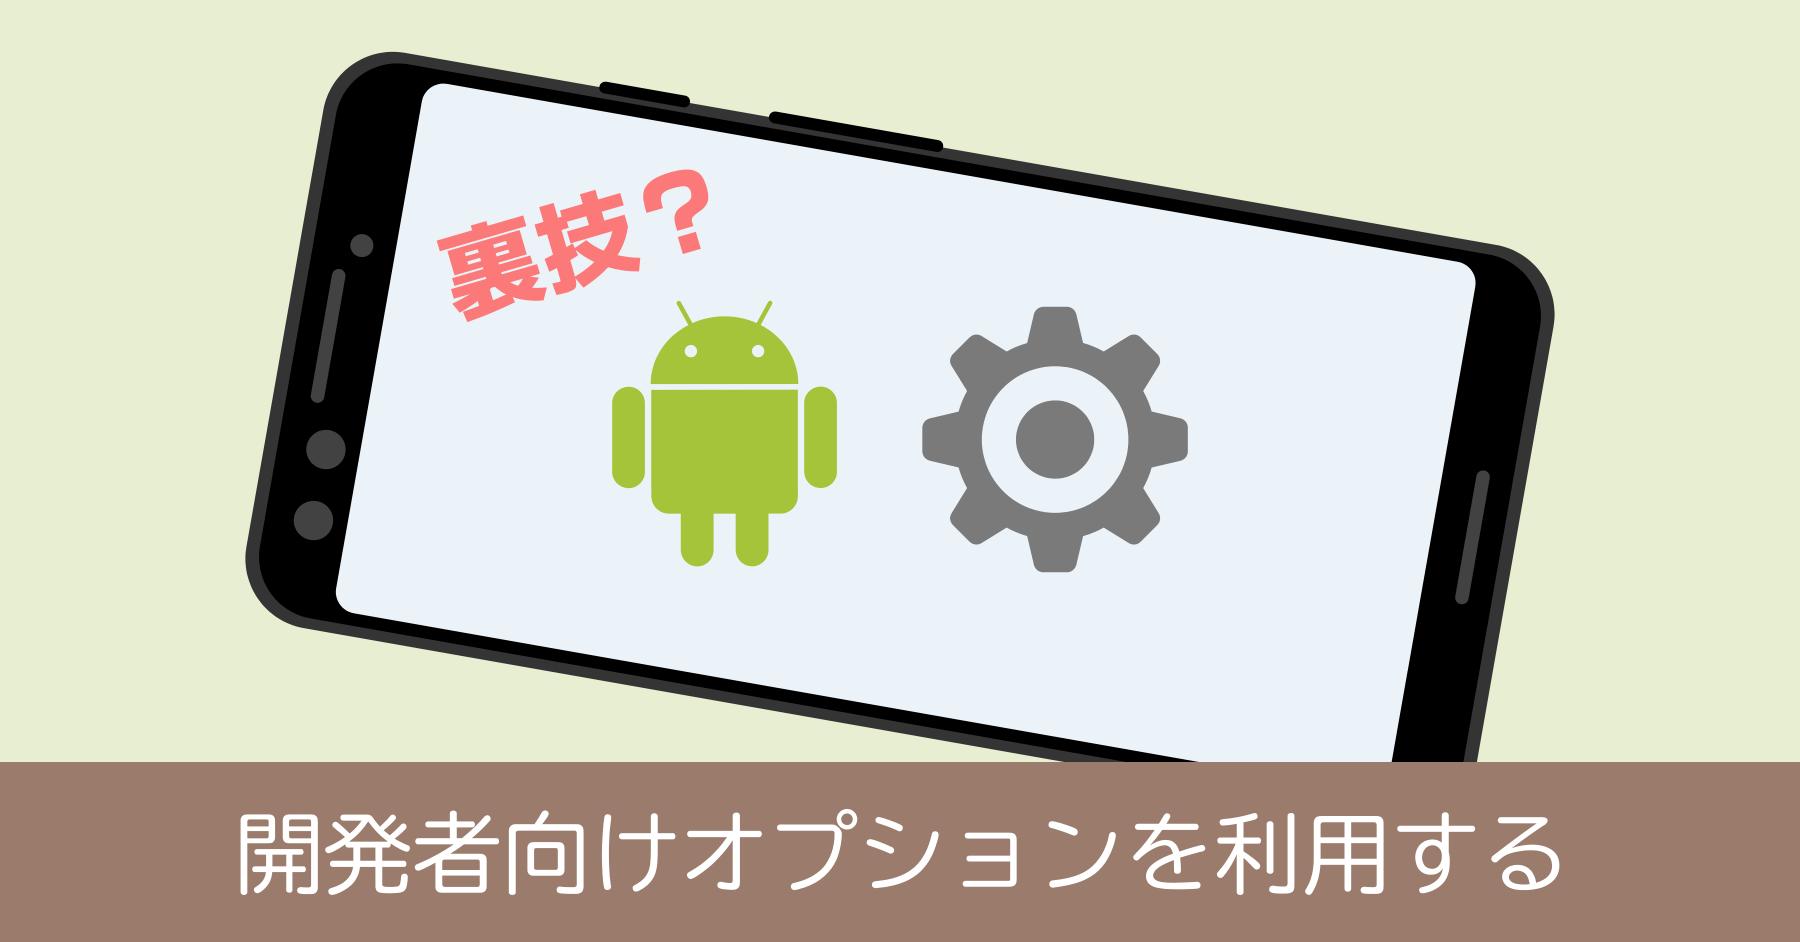 Android 開発者向けオプションを表示させる方法